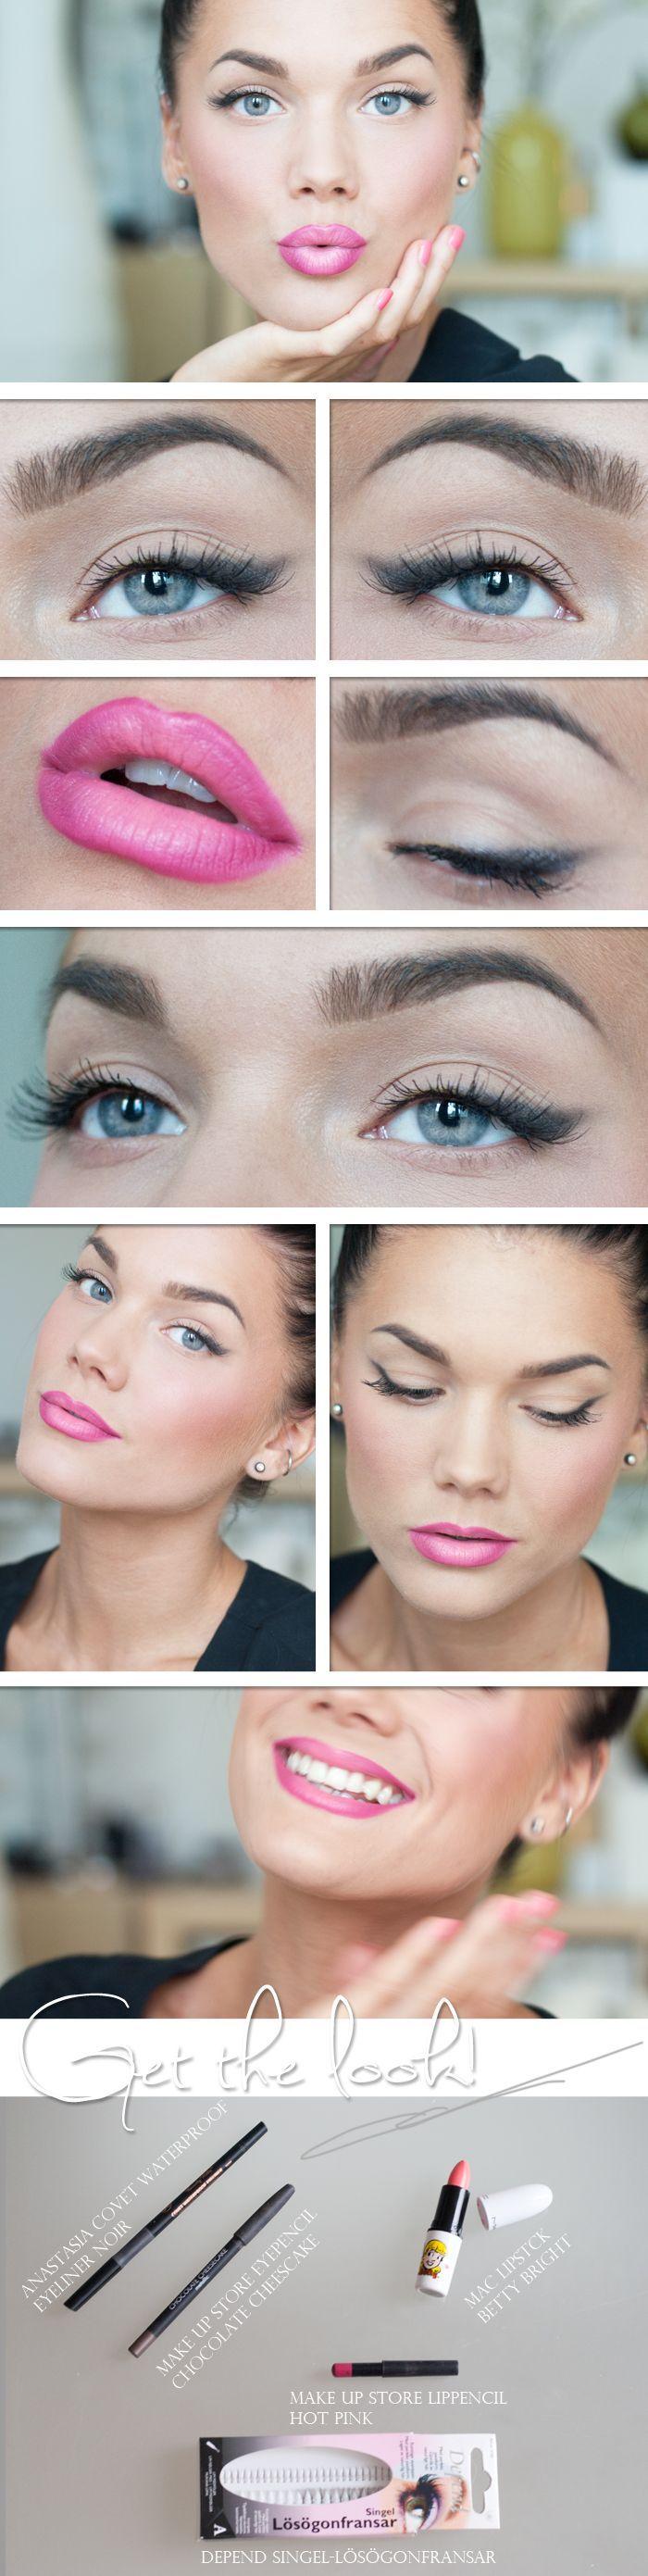 met iets minder roze lippen :)